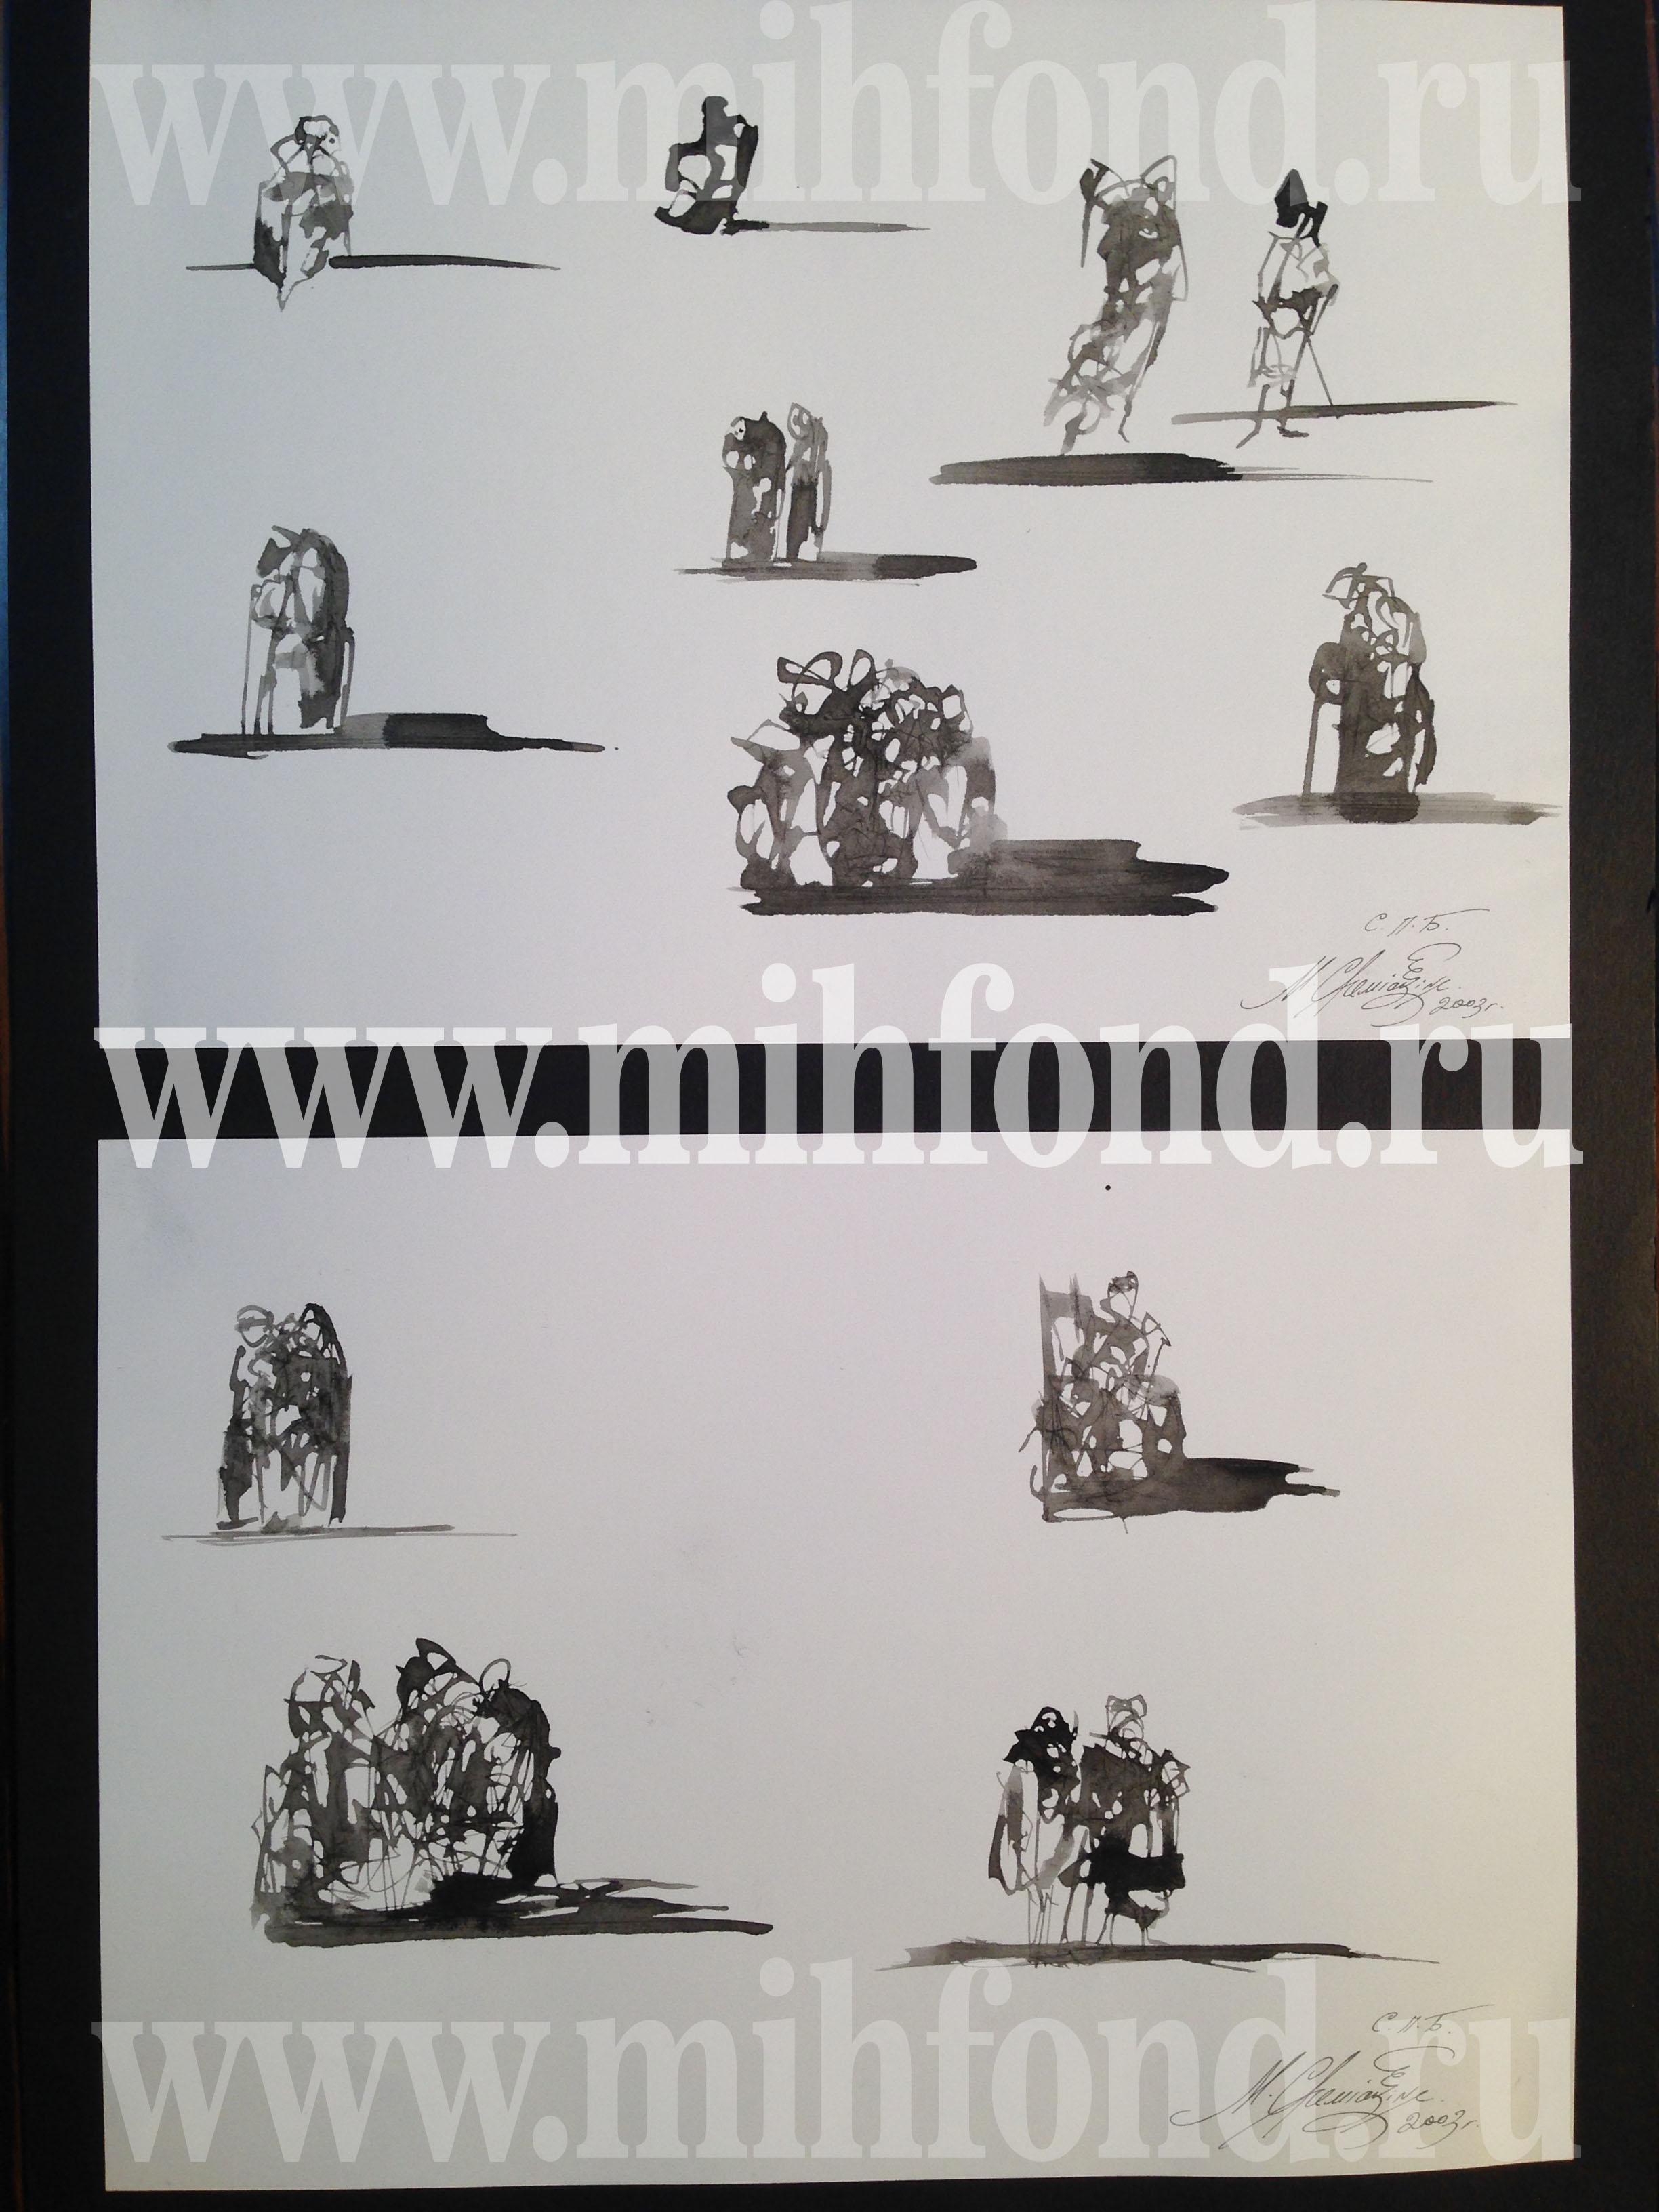 М.Шемякин. Рисунок в стиле Дзен 5535-5536